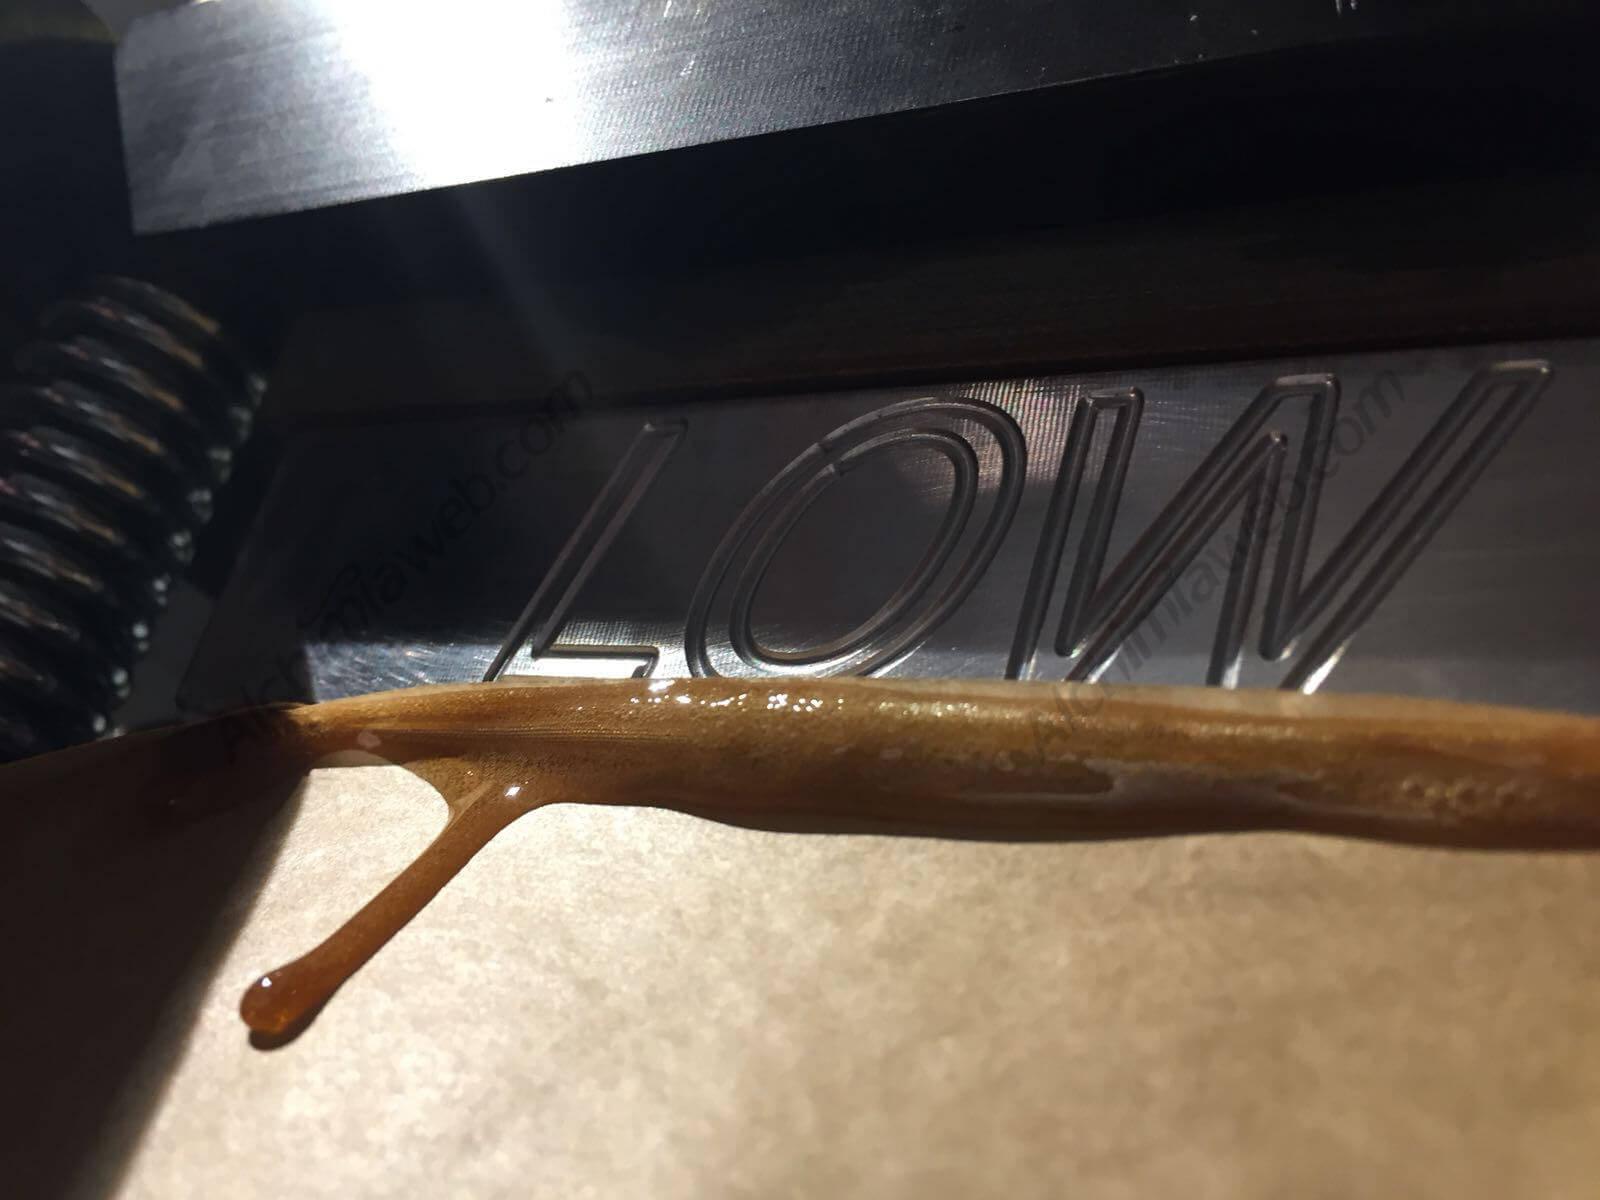 Cómo usar una prensa de Rosin